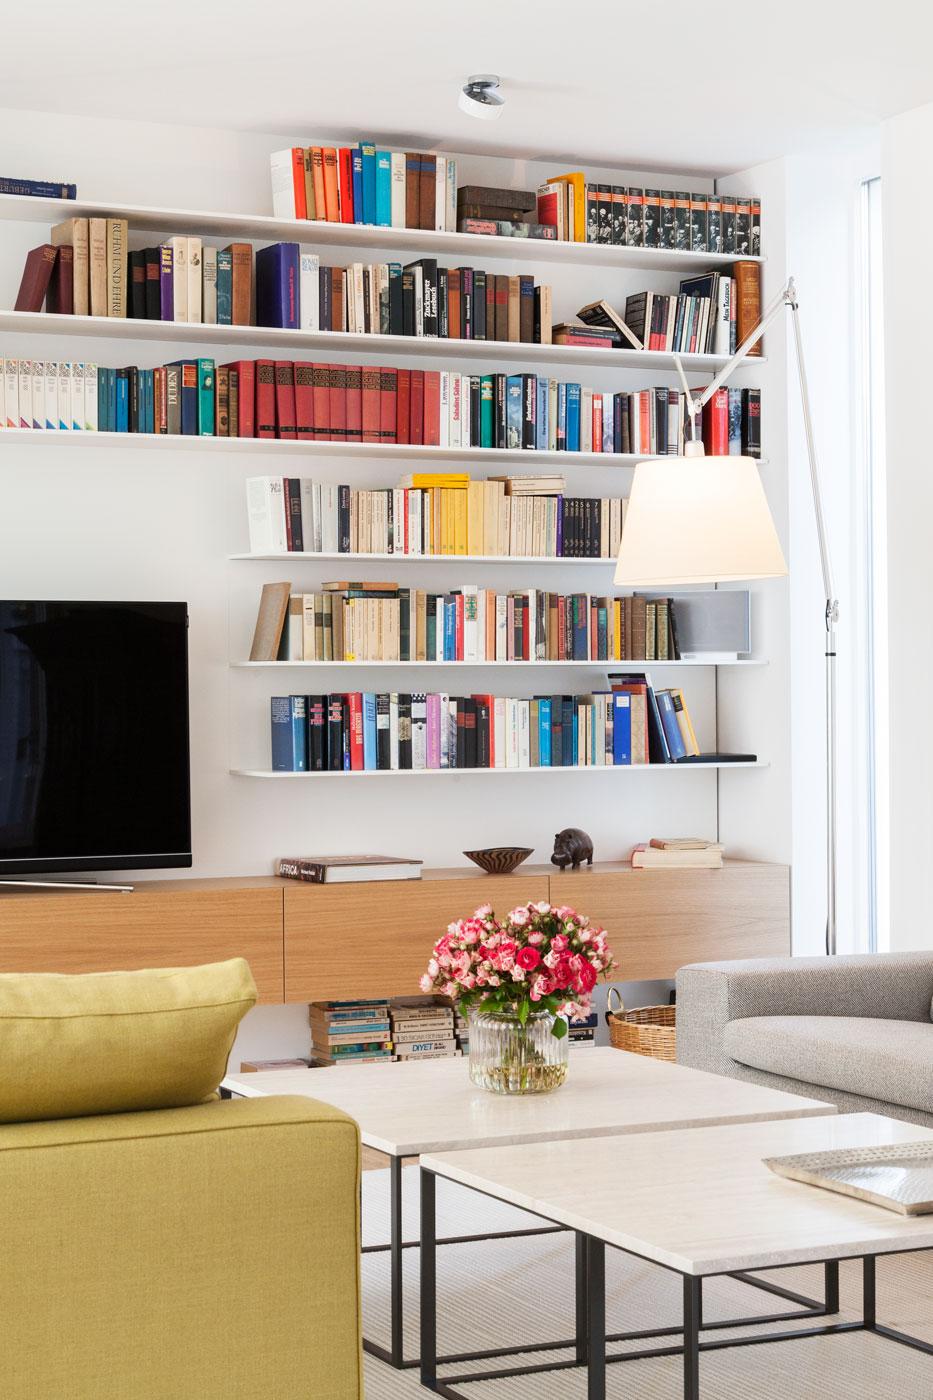 Wohnung Frankfurt  Buero Weller Innenarchitektur